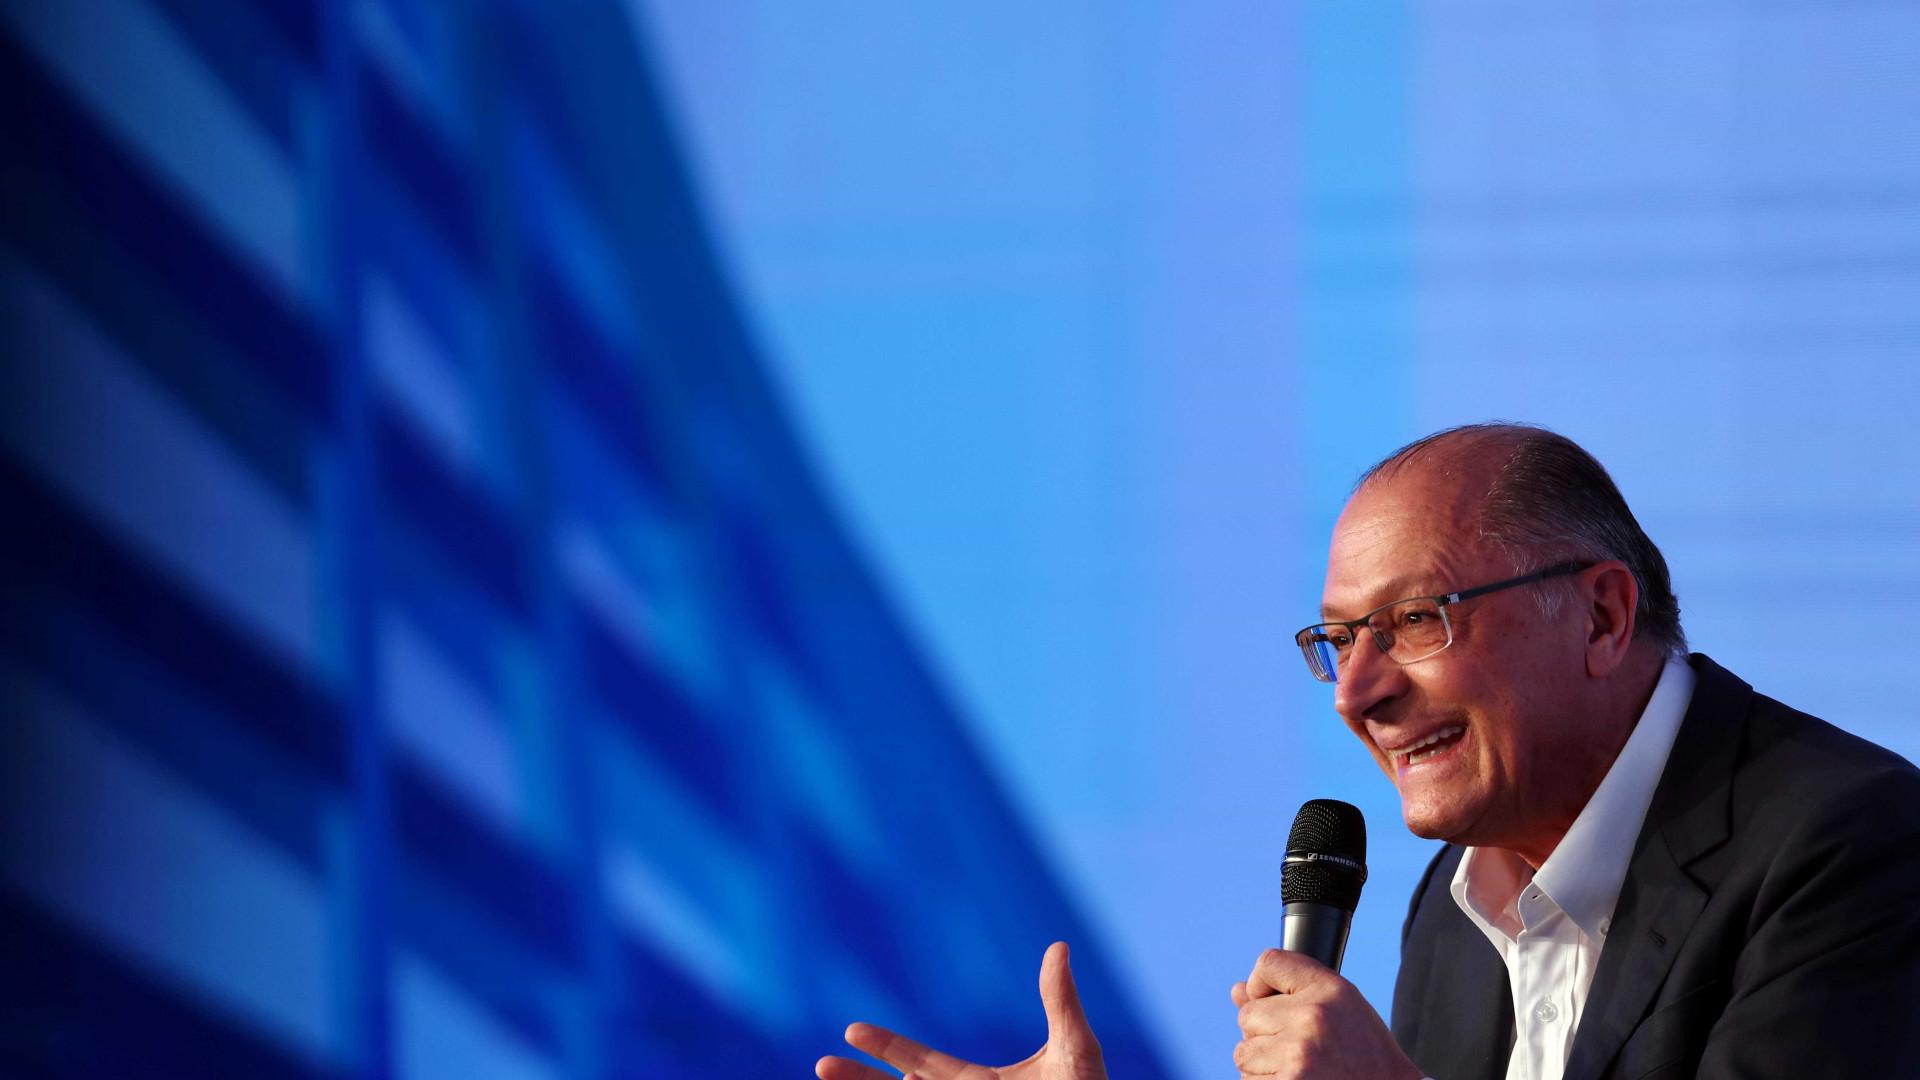 Tapetão puro, diz Alckmin sobre pedido de impugnação de sua coligação